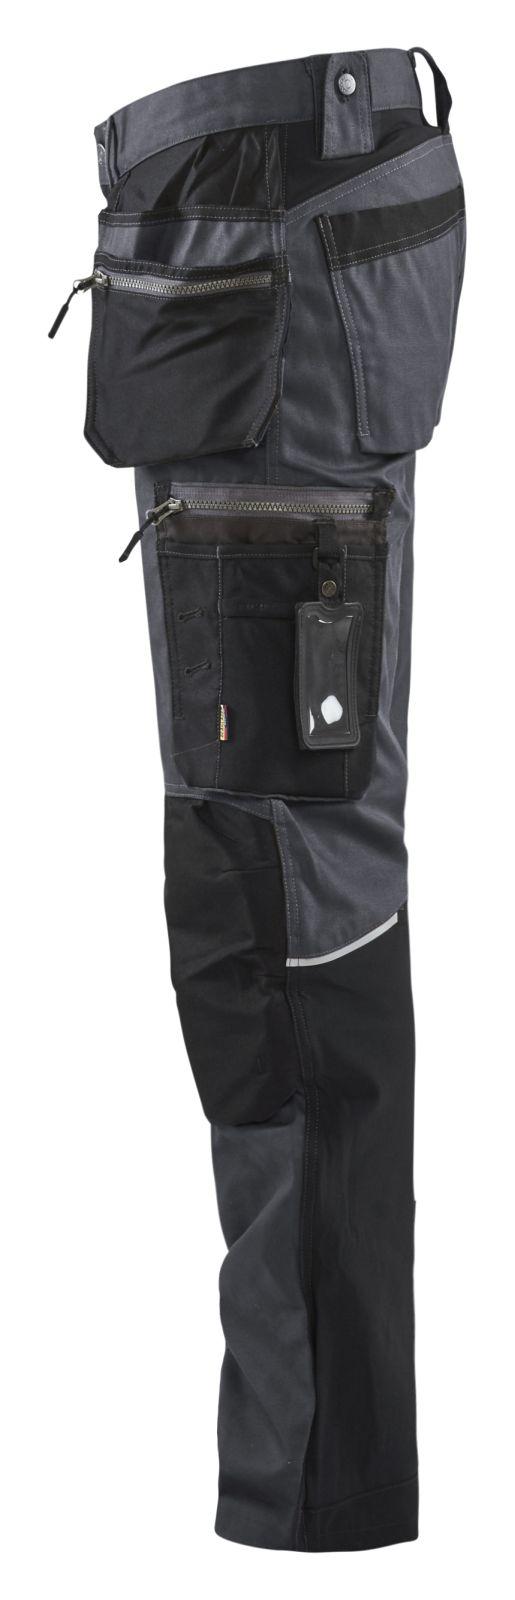 Blaklader Broeken 15991343 donkergrijs-zwart(9899)